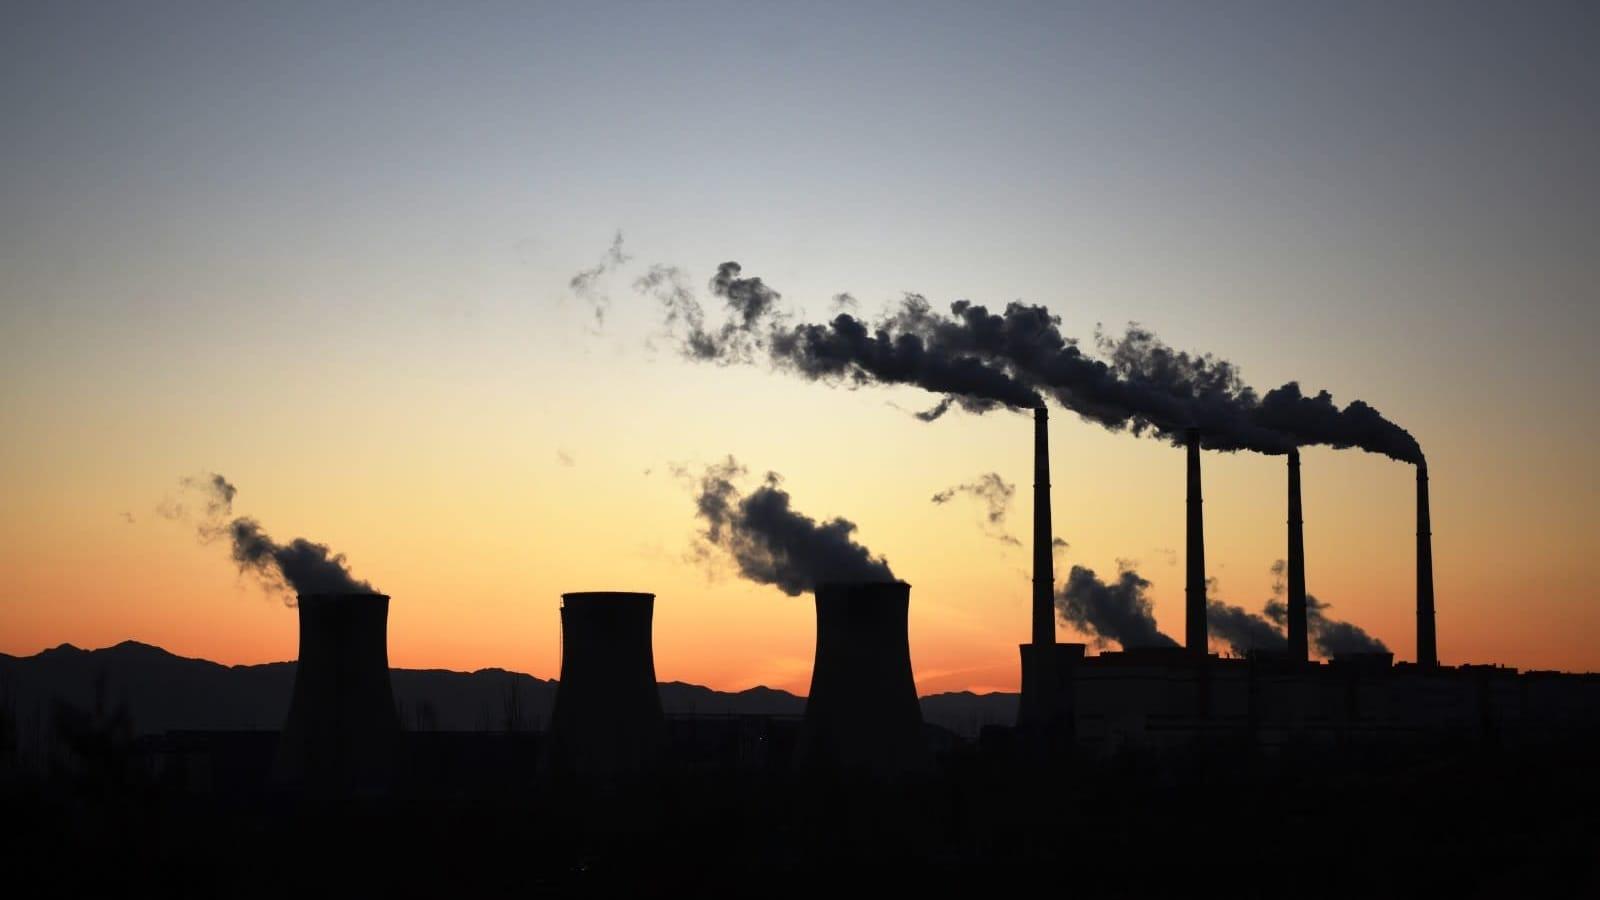 Kiinalainen hiilivoimala auringonlaskun aikaan kuvattuna.